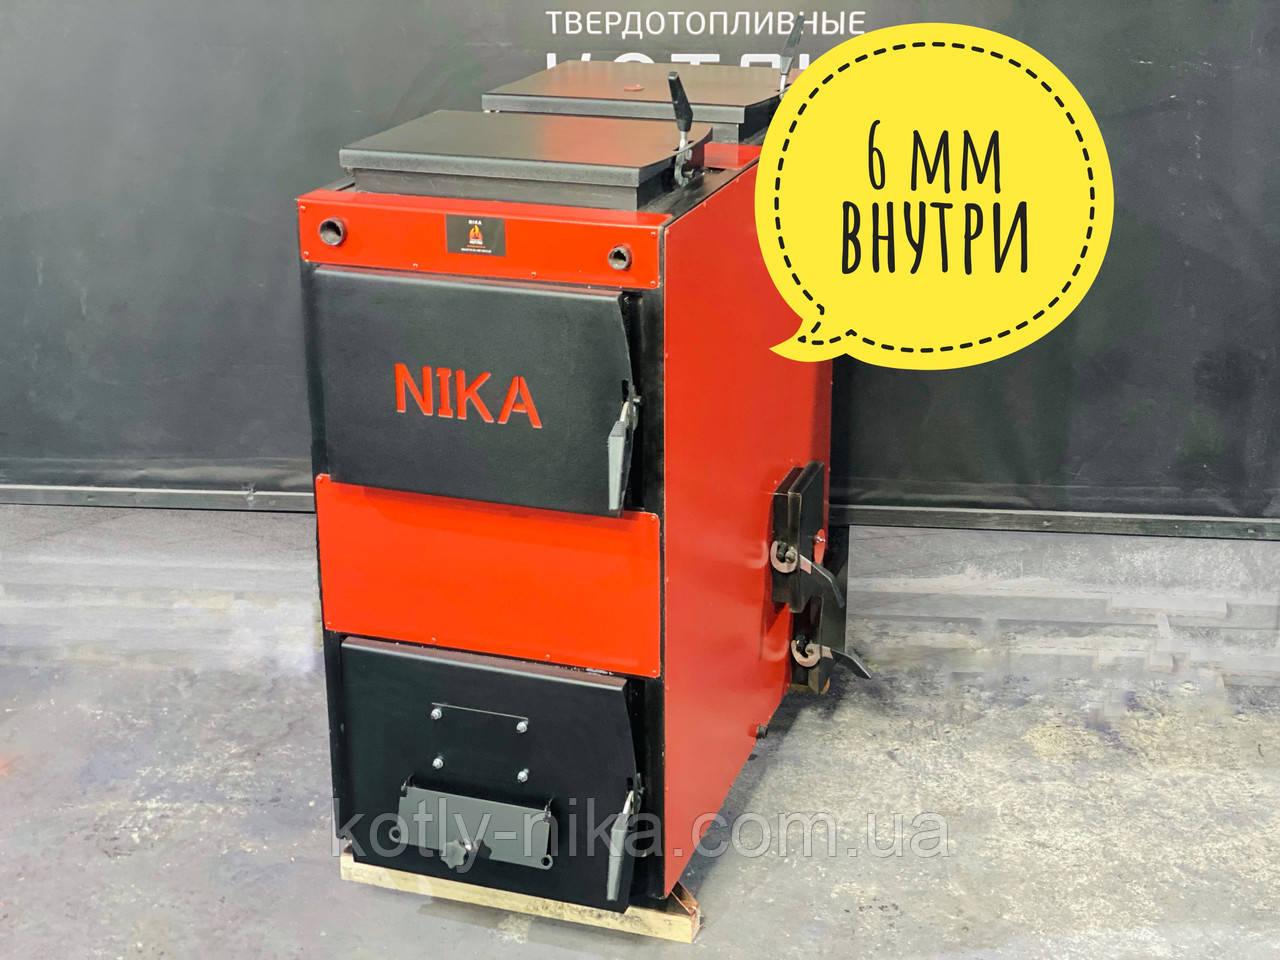 Котел Пітон Універсальний 20 кВт МЕТАЛ 6 мм